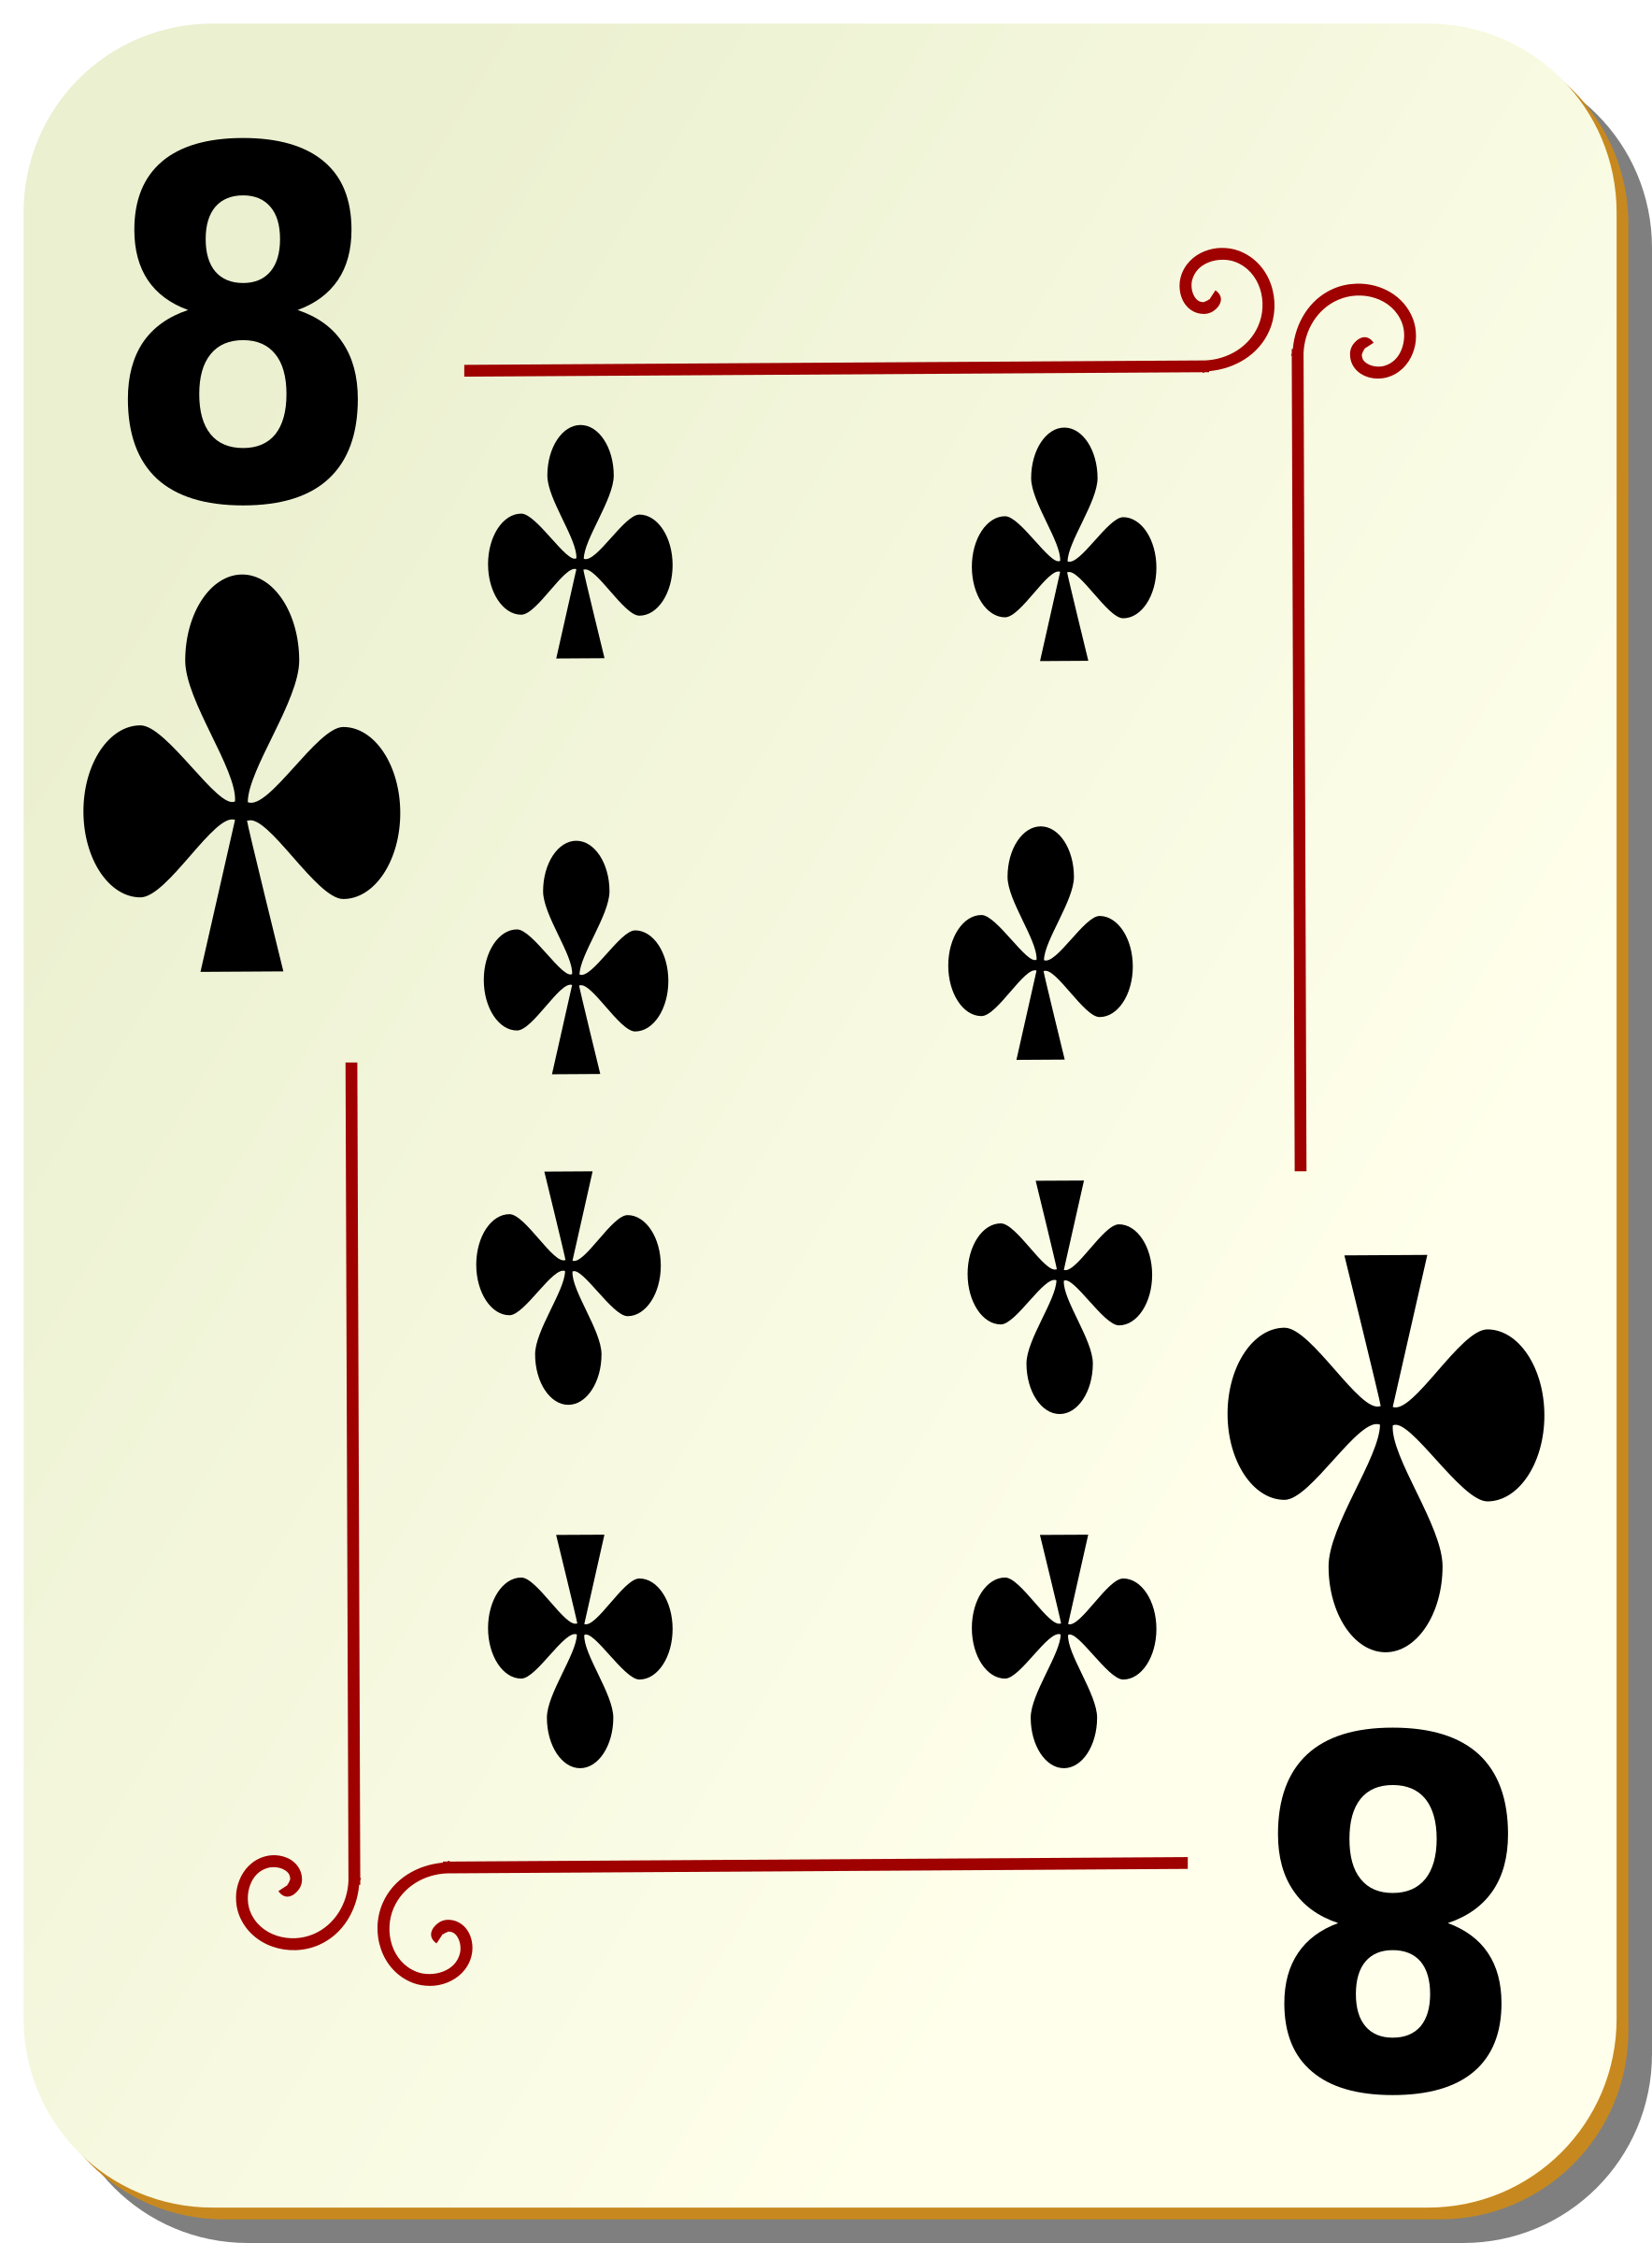 Club clipart deck card 8 clubs clubs Ornamental Ornamental